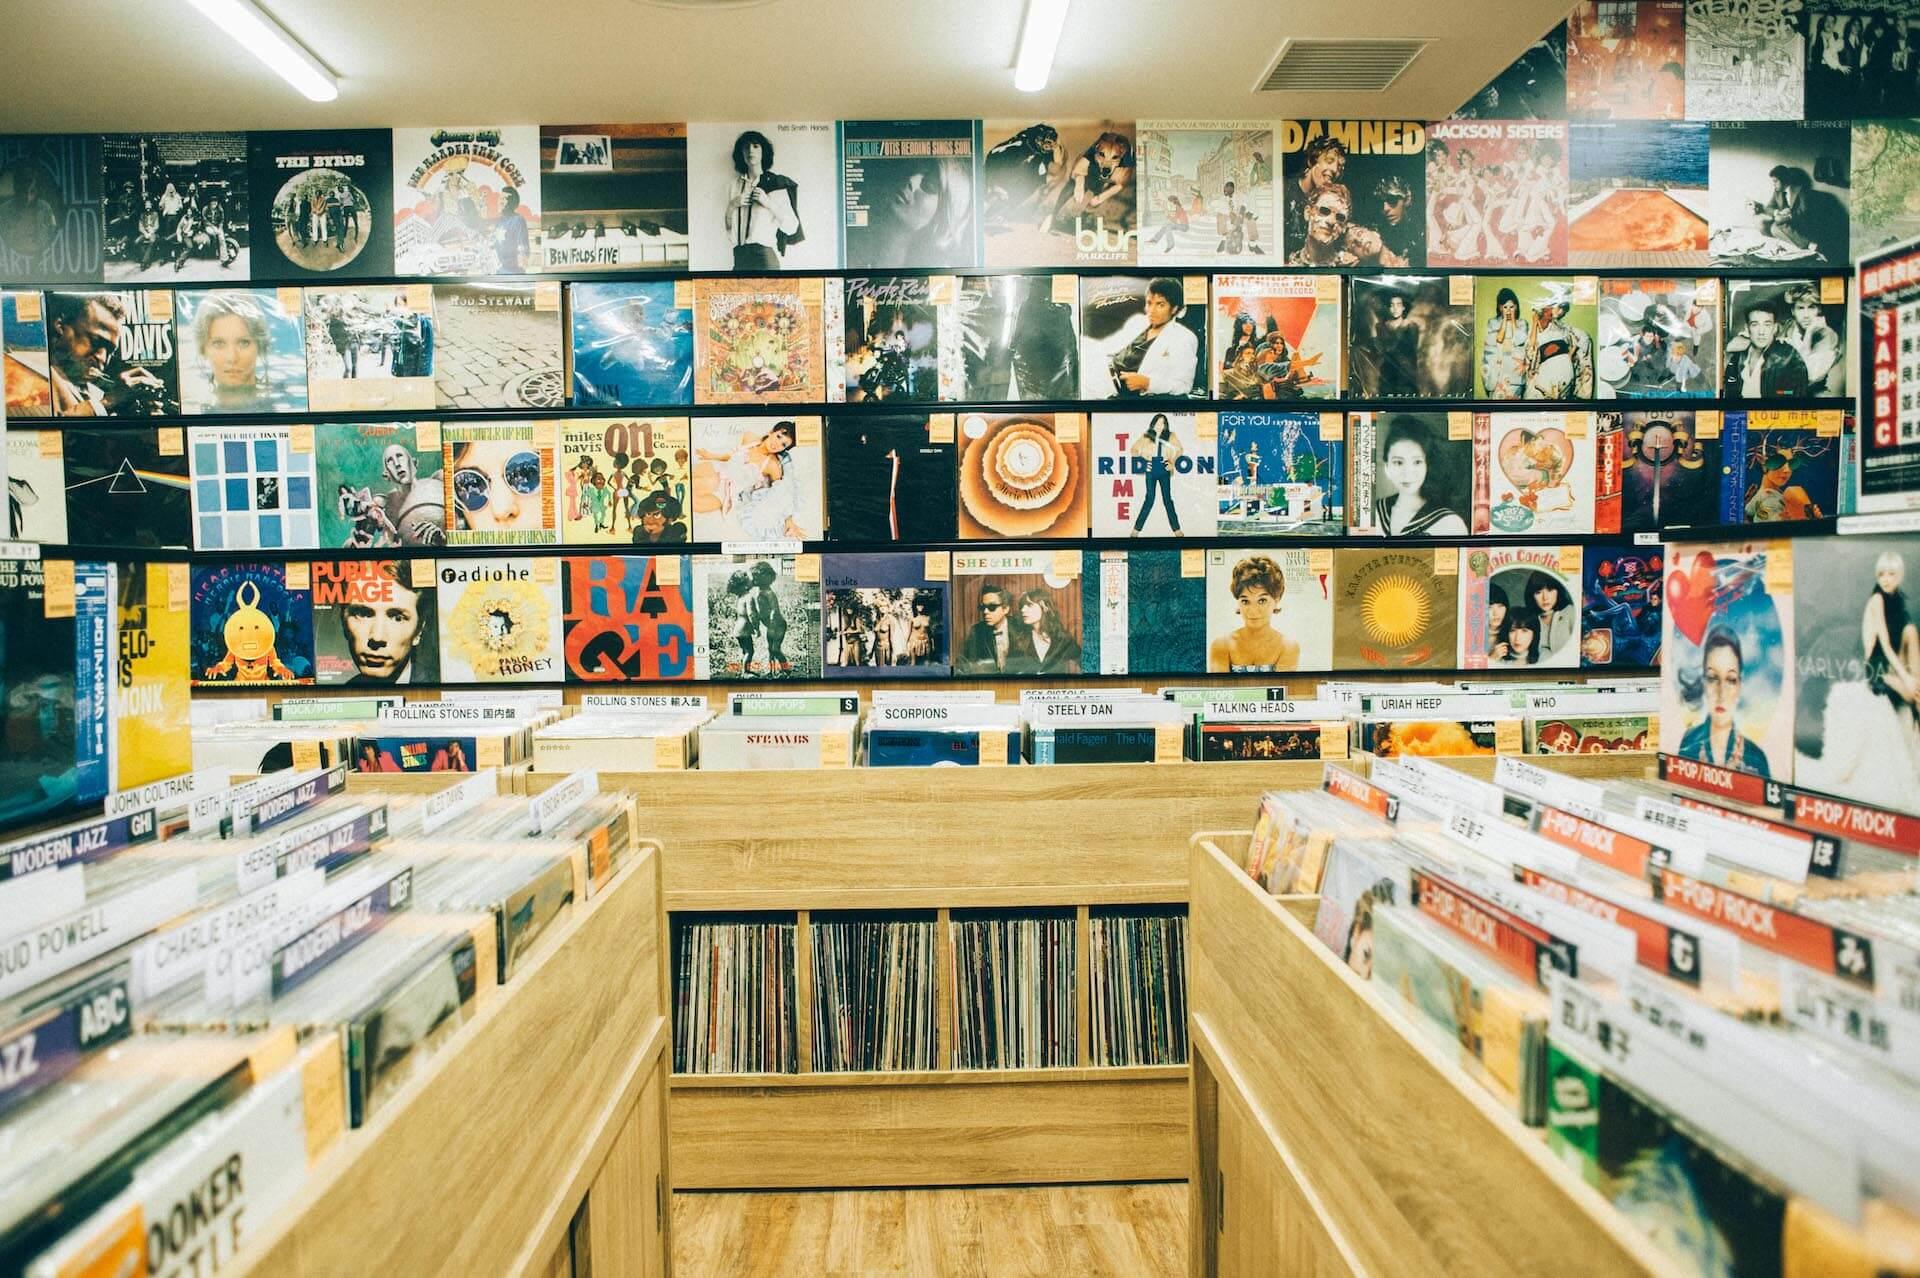 新生渋谷PARCOのカオスなフードエリア「CHAOS KITCHEN」注目の3店舗をピックアップ lfefashion-20191122-parco-7203